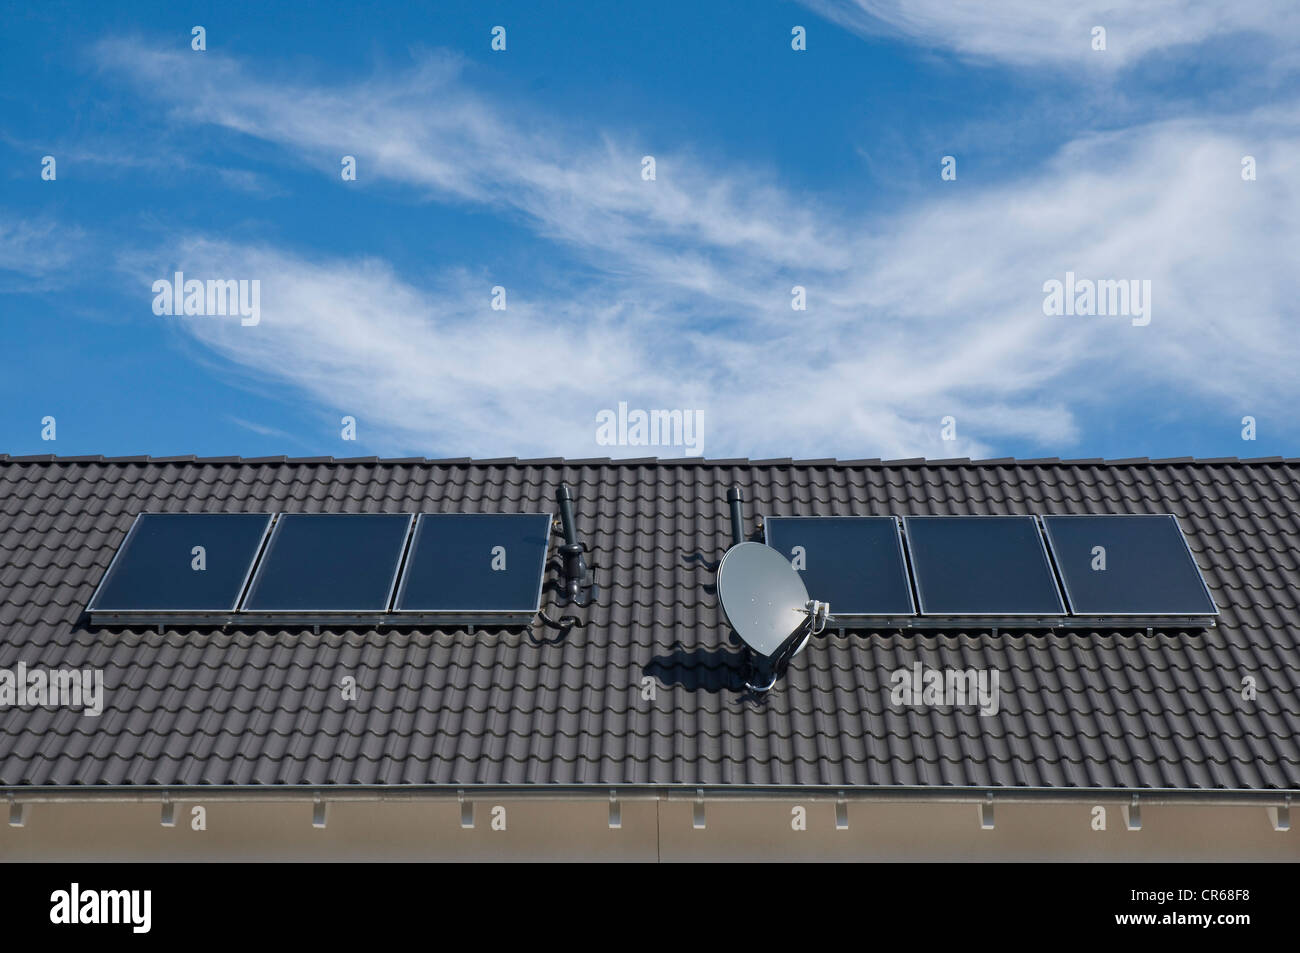 Des panneaux solaires pour chauffer l'eau, zones d'absorption sur un toit d'un immeuble à appartements, Photo Stock